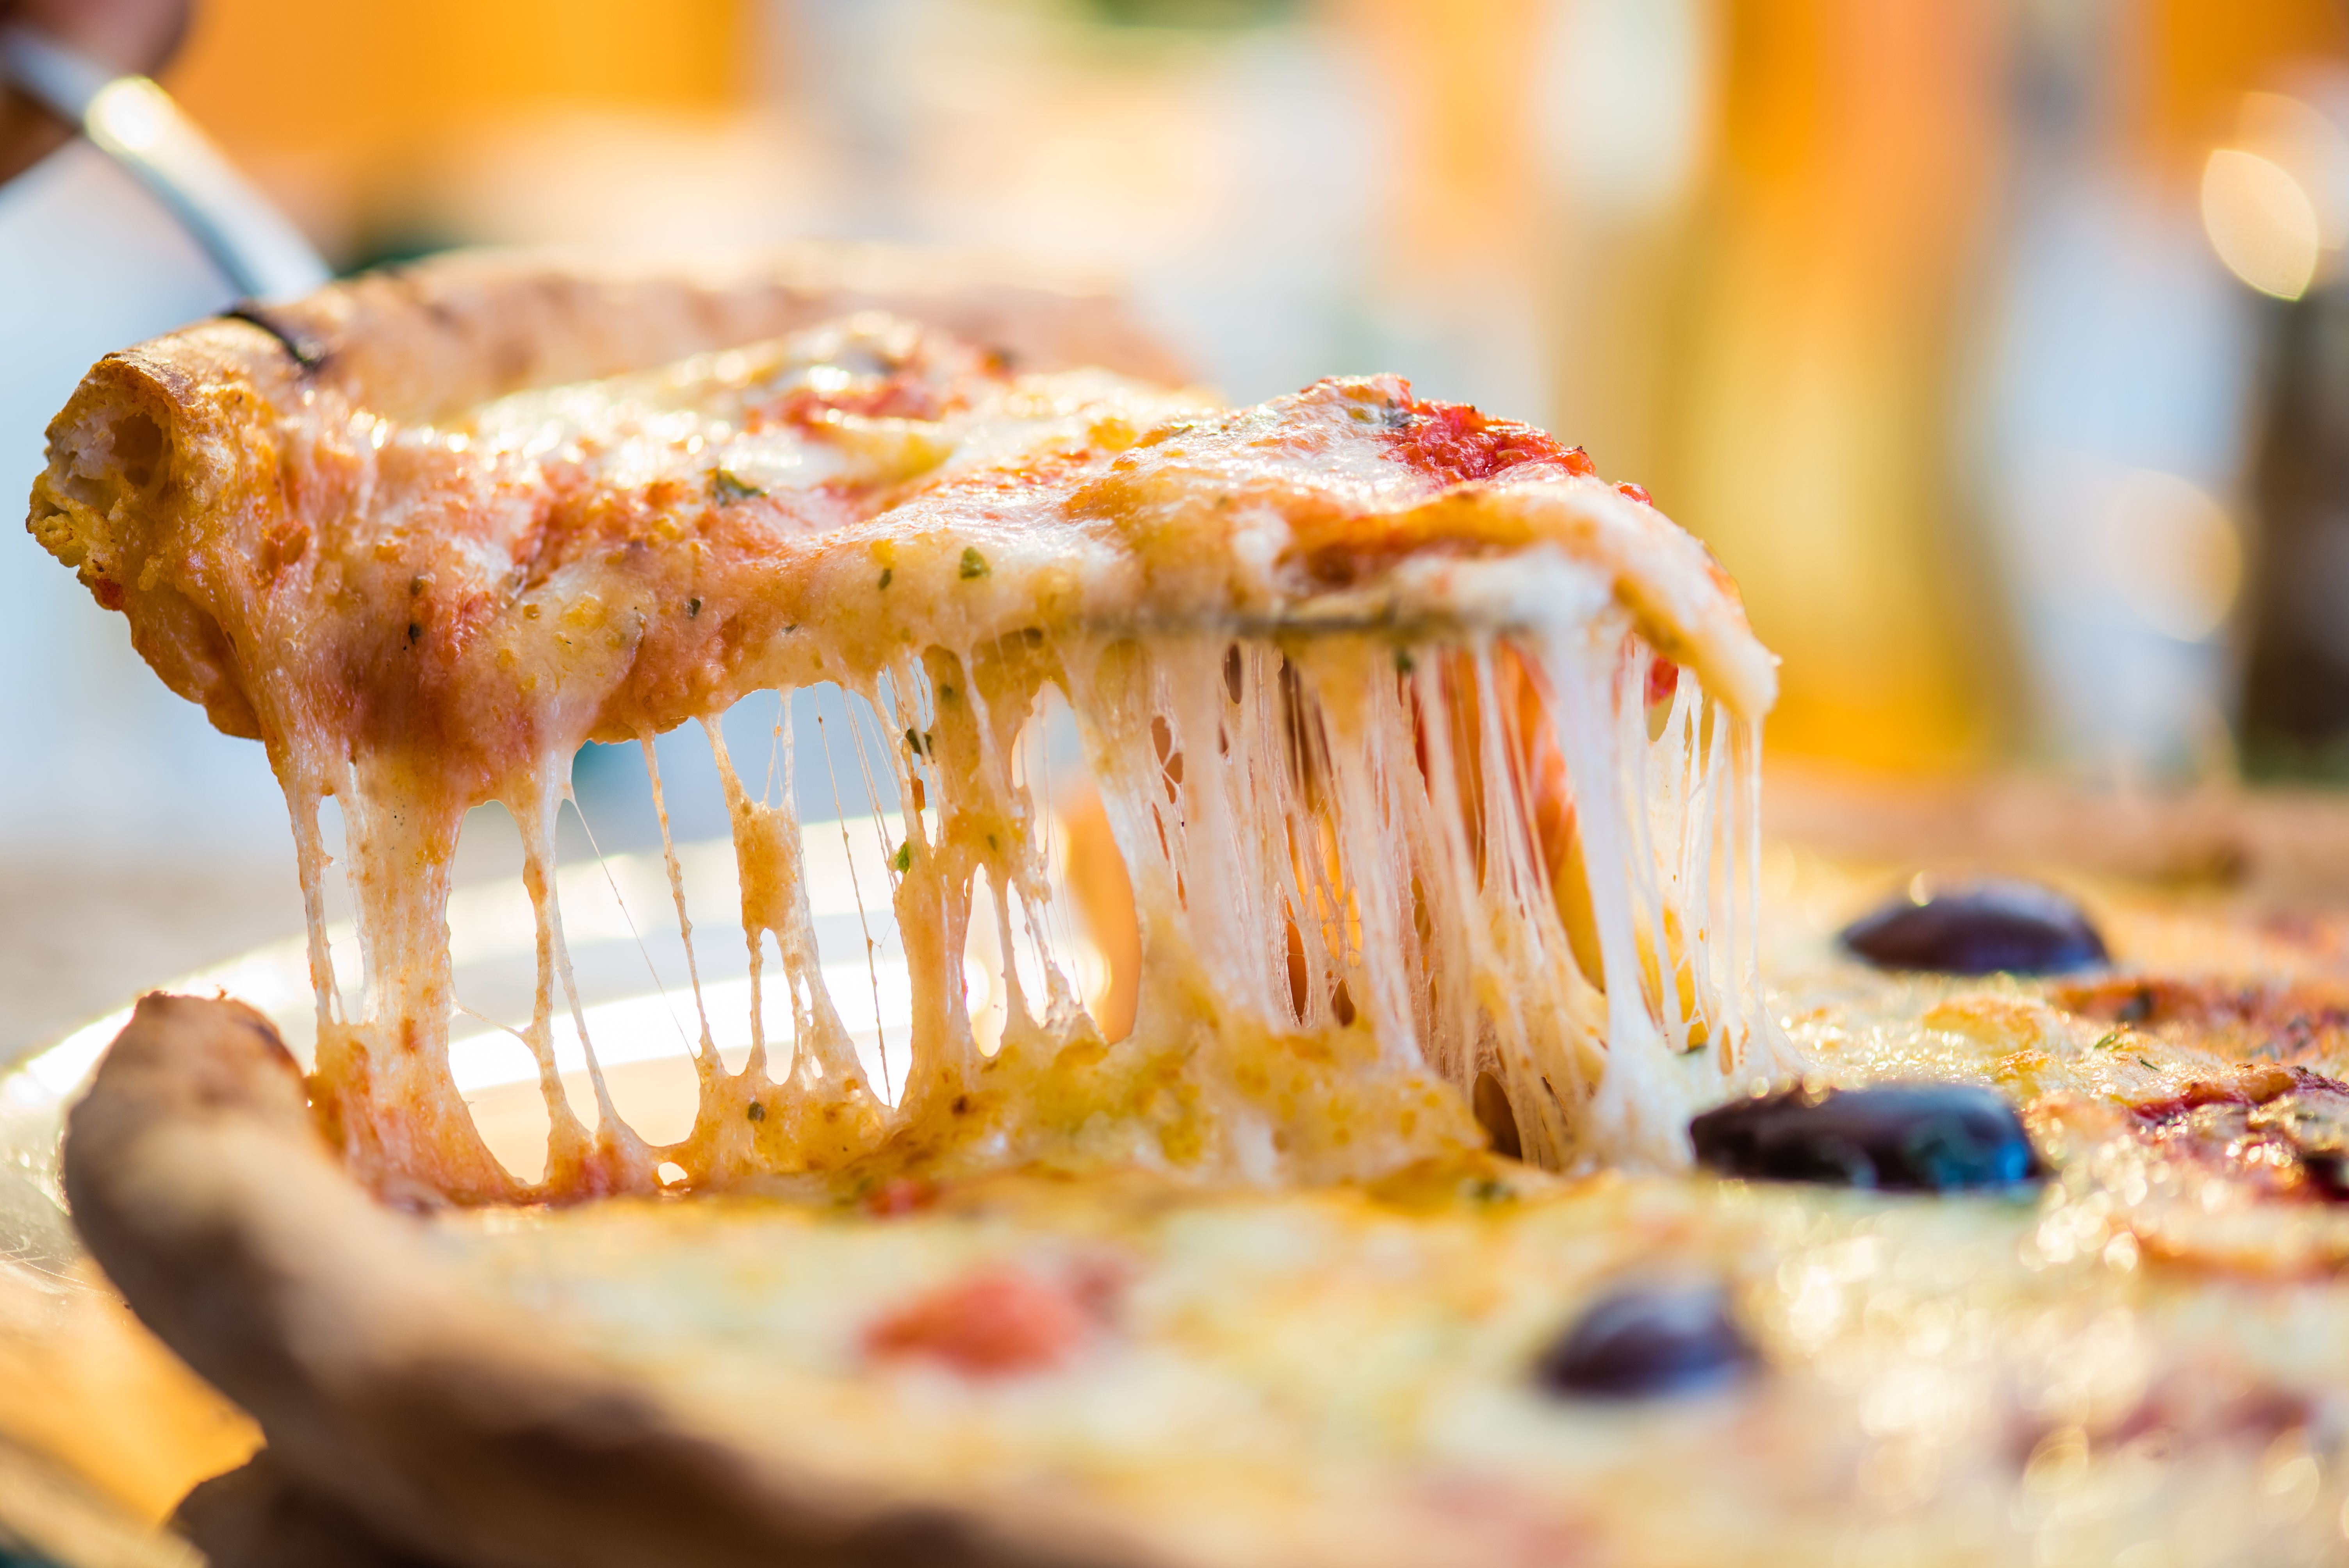 Primer plano de rebanada de pizza en la espátula.